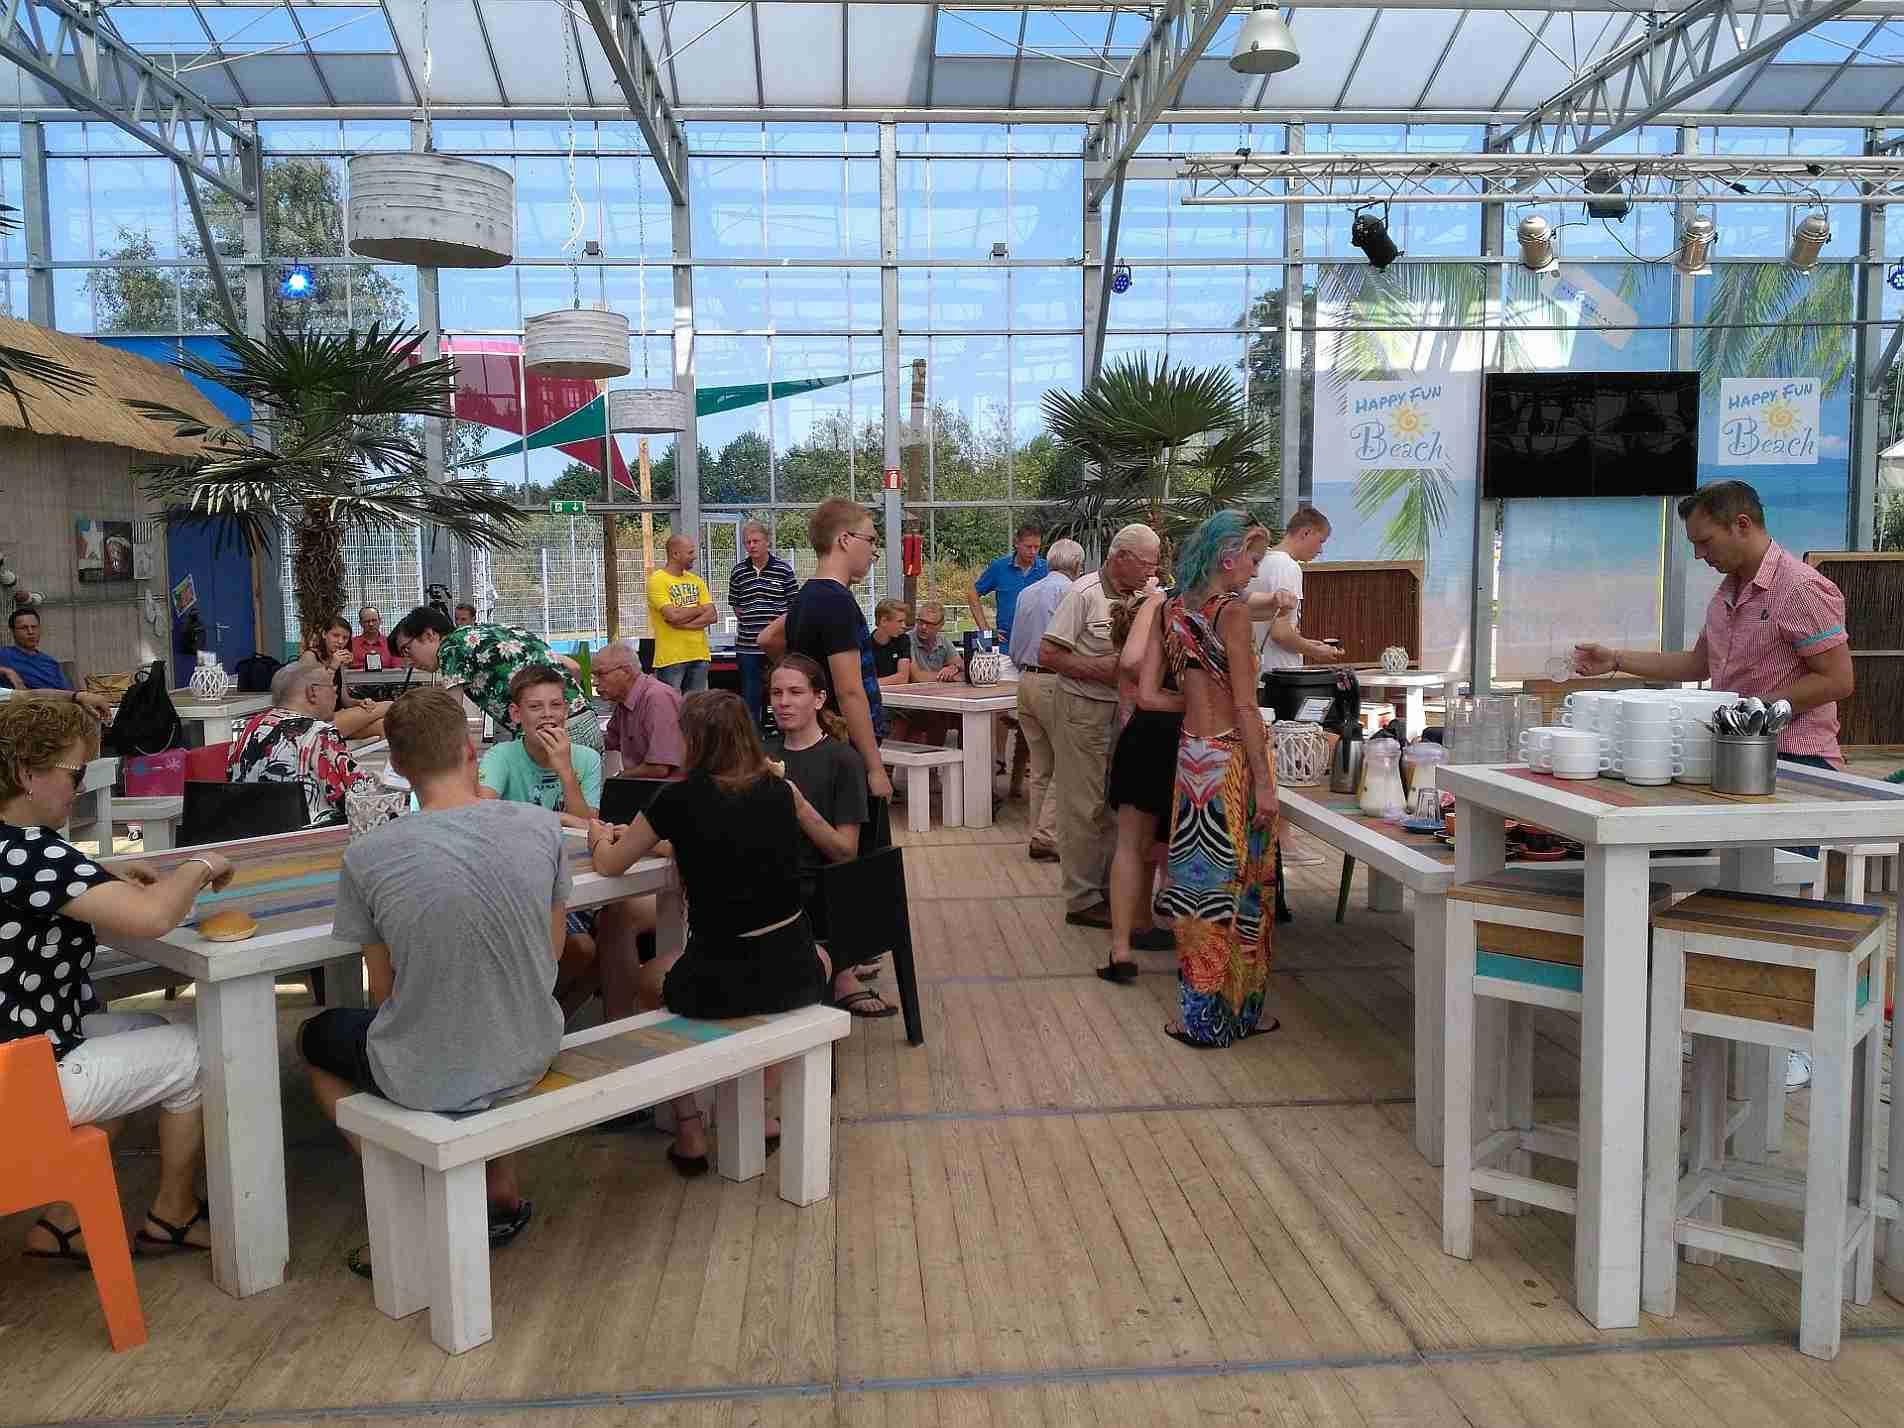 Feesten en partijen in Overijssel met een strandbelevenis - In overijssel feesten en partijen